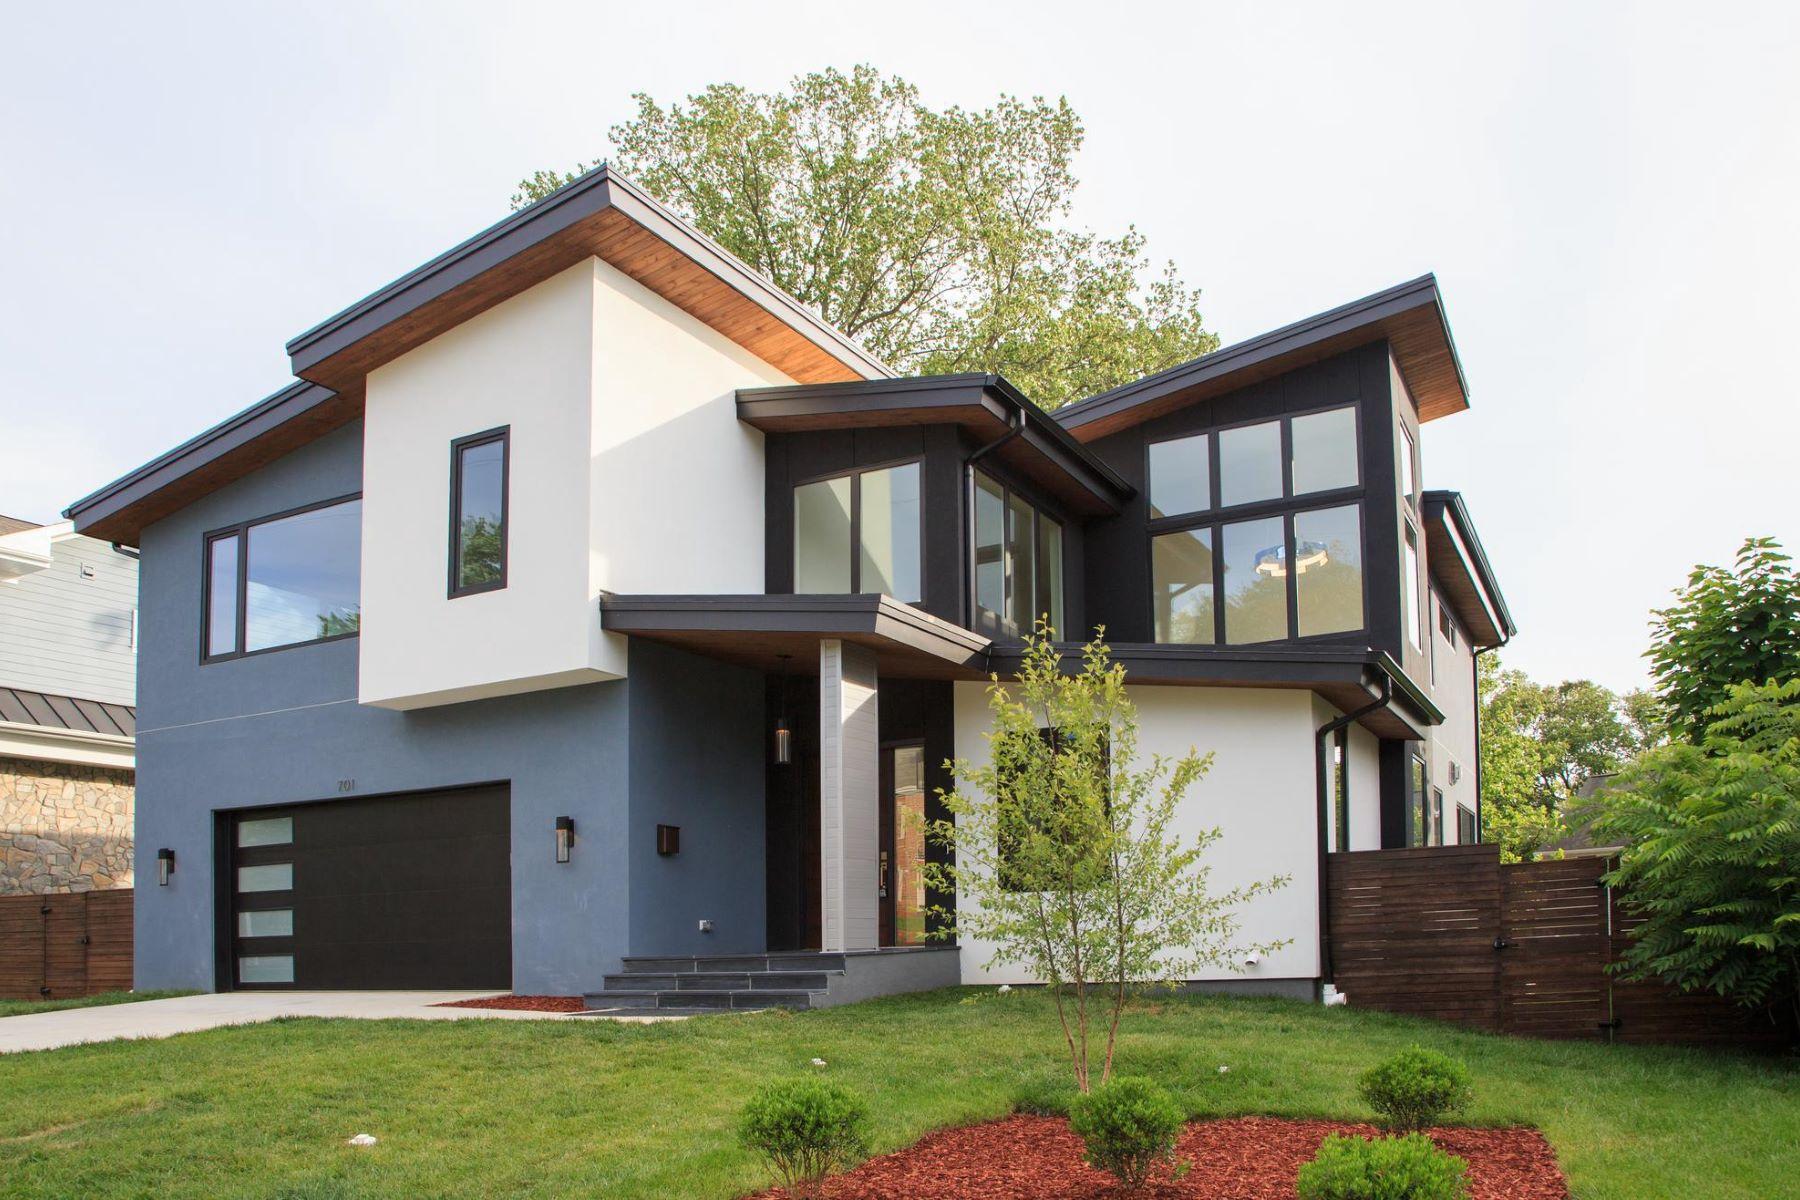 Частный односемейный дом для того Продажа на 701 Ware St Sw Vienna, Виргиния 22180 Соединенные Штаты